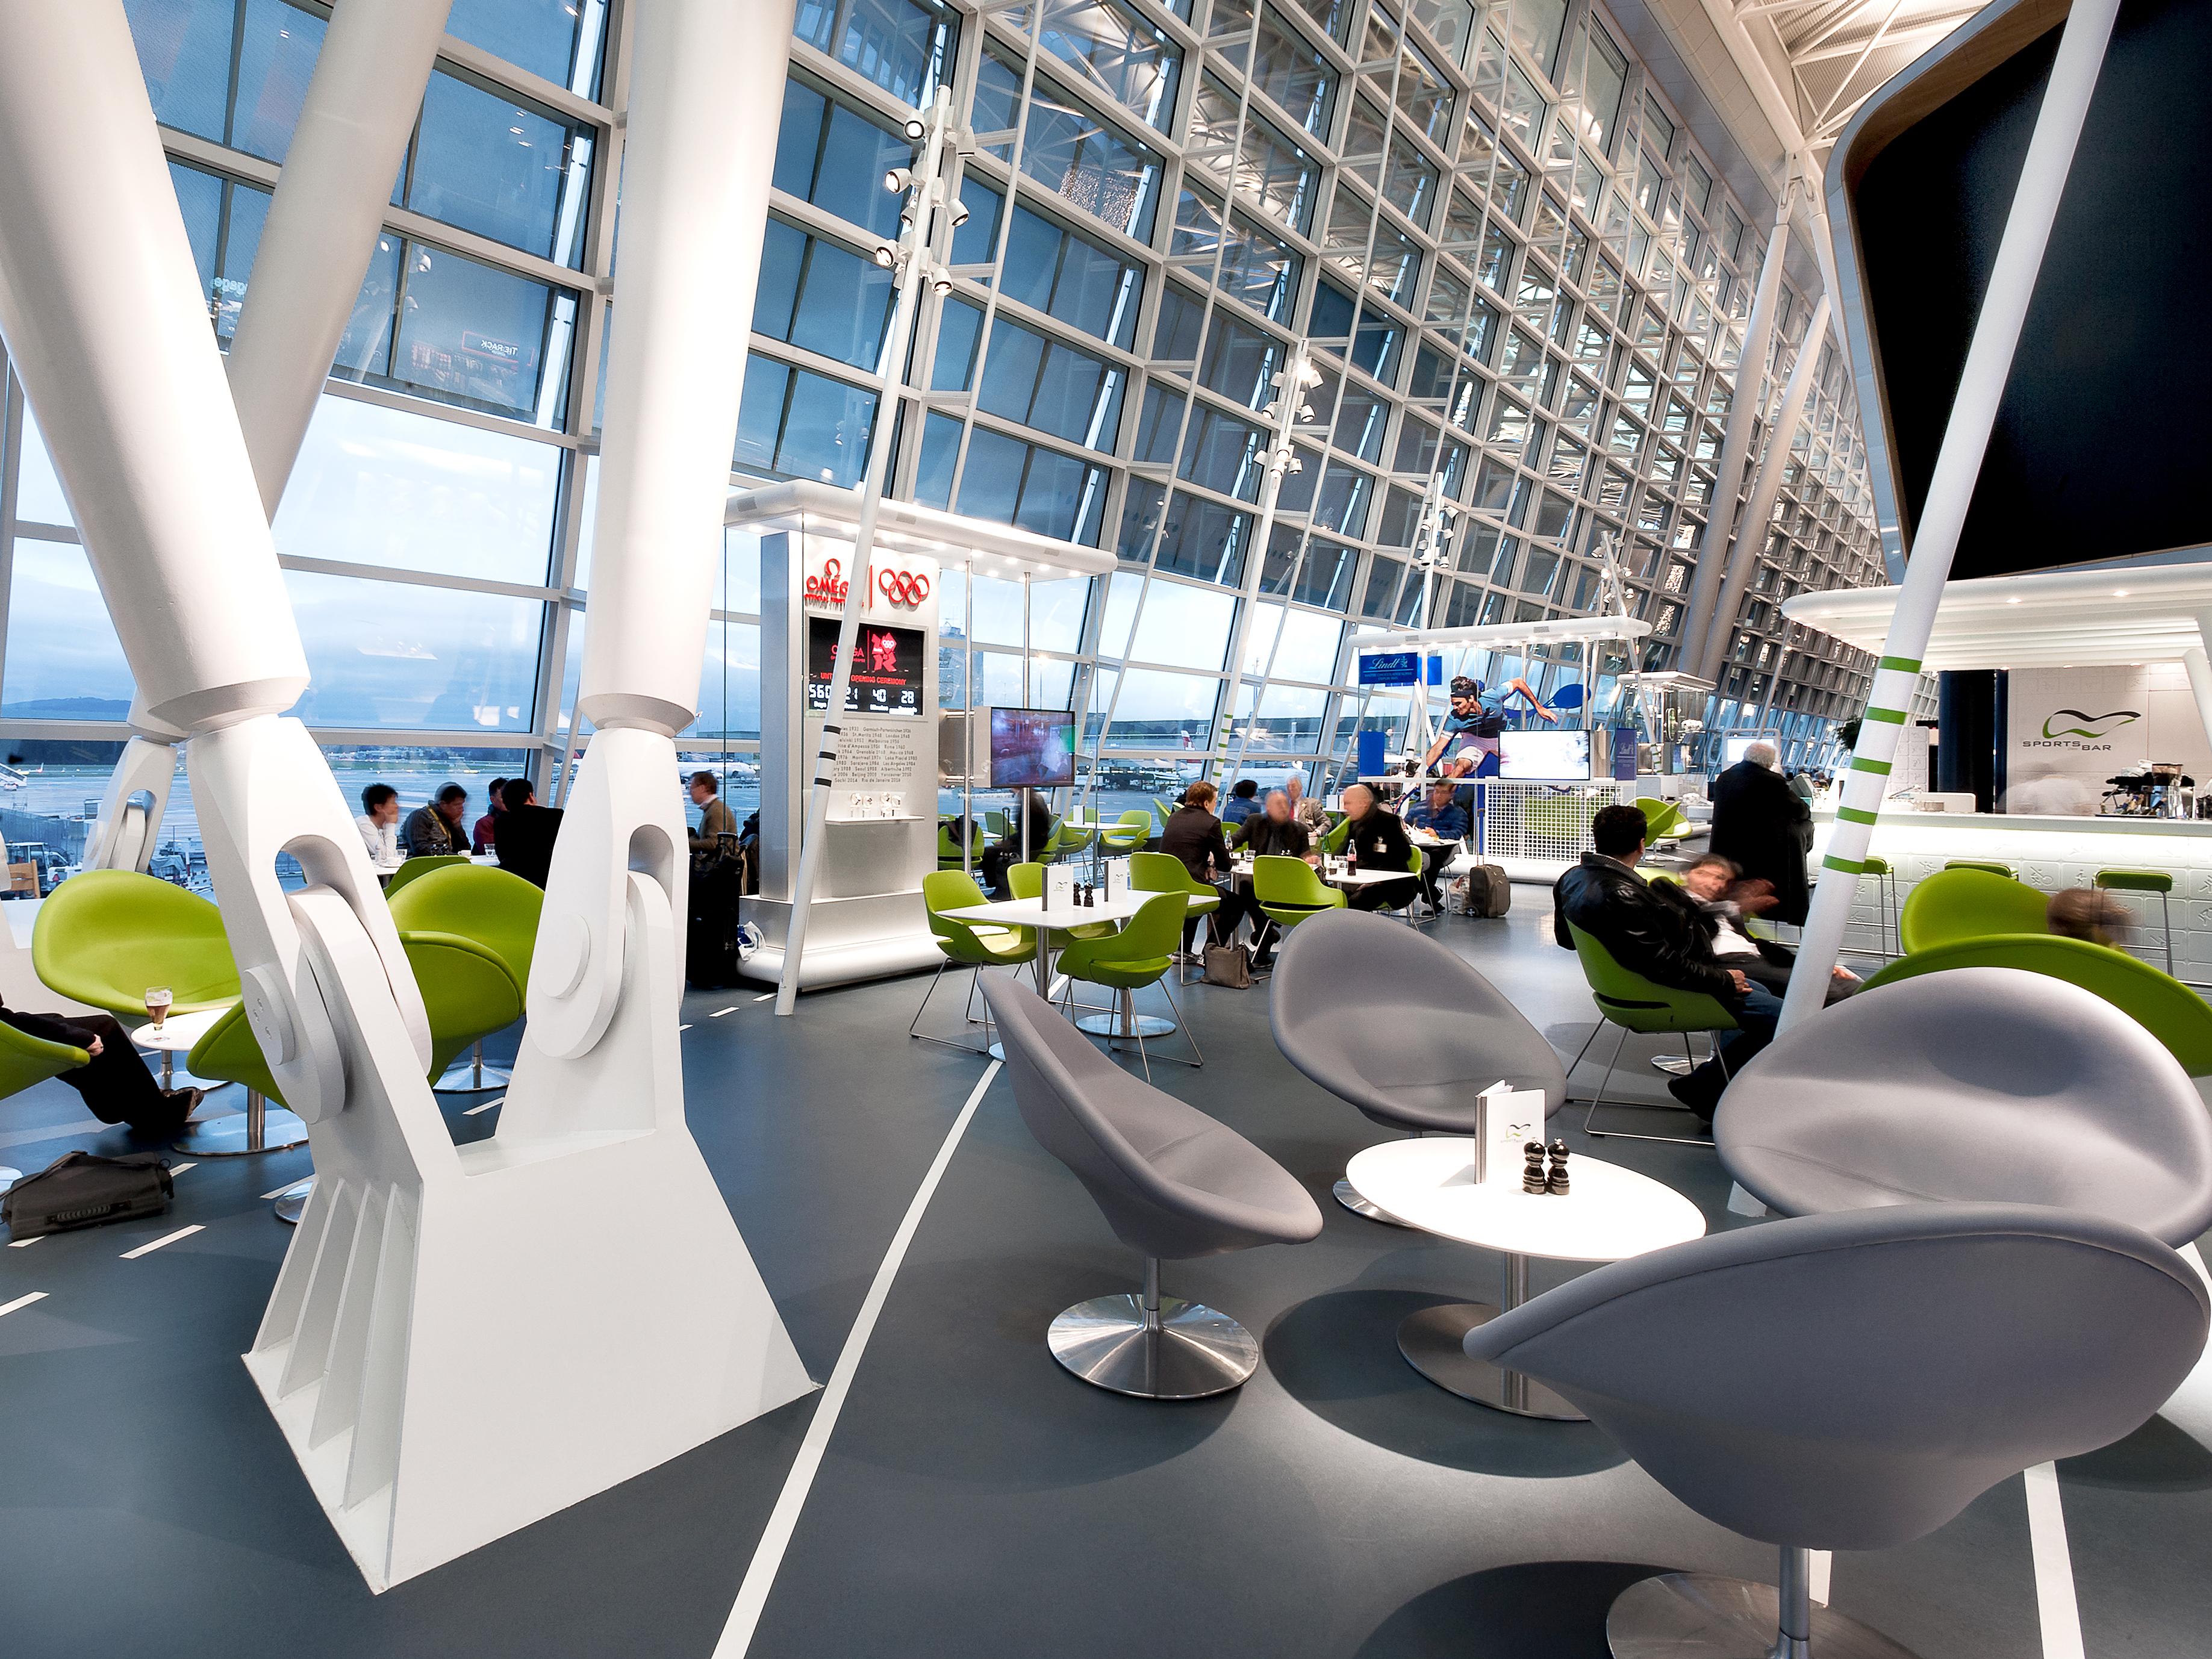 Flughafen Zürich Select Service Partner Gestaltungskonzept Gastronomie